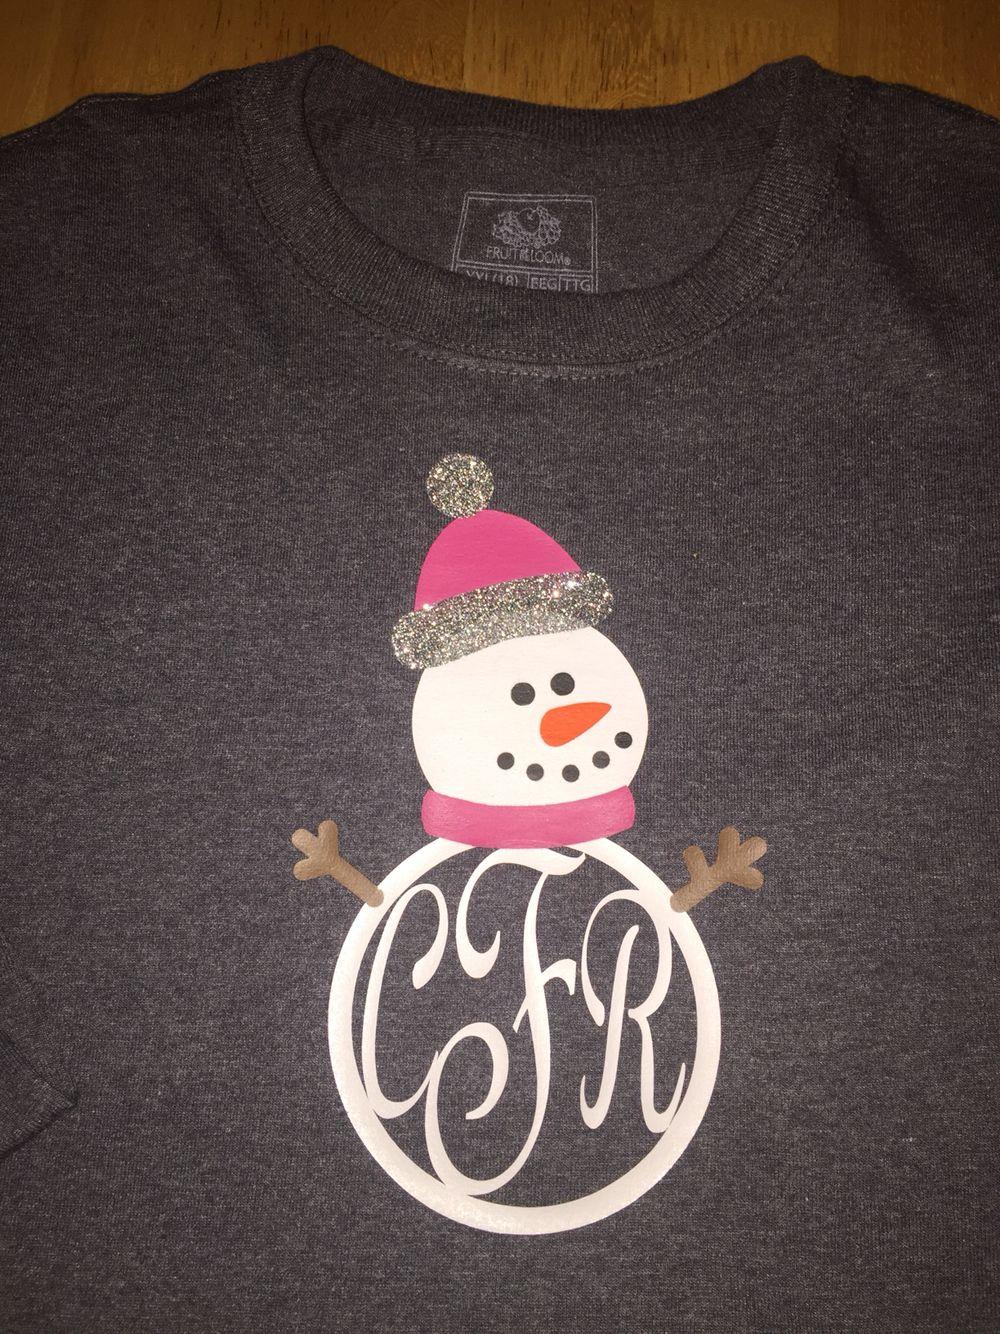 Monogrammed Snowman Shirt Vinyl Cricut Pinterest Vinyl Shirts